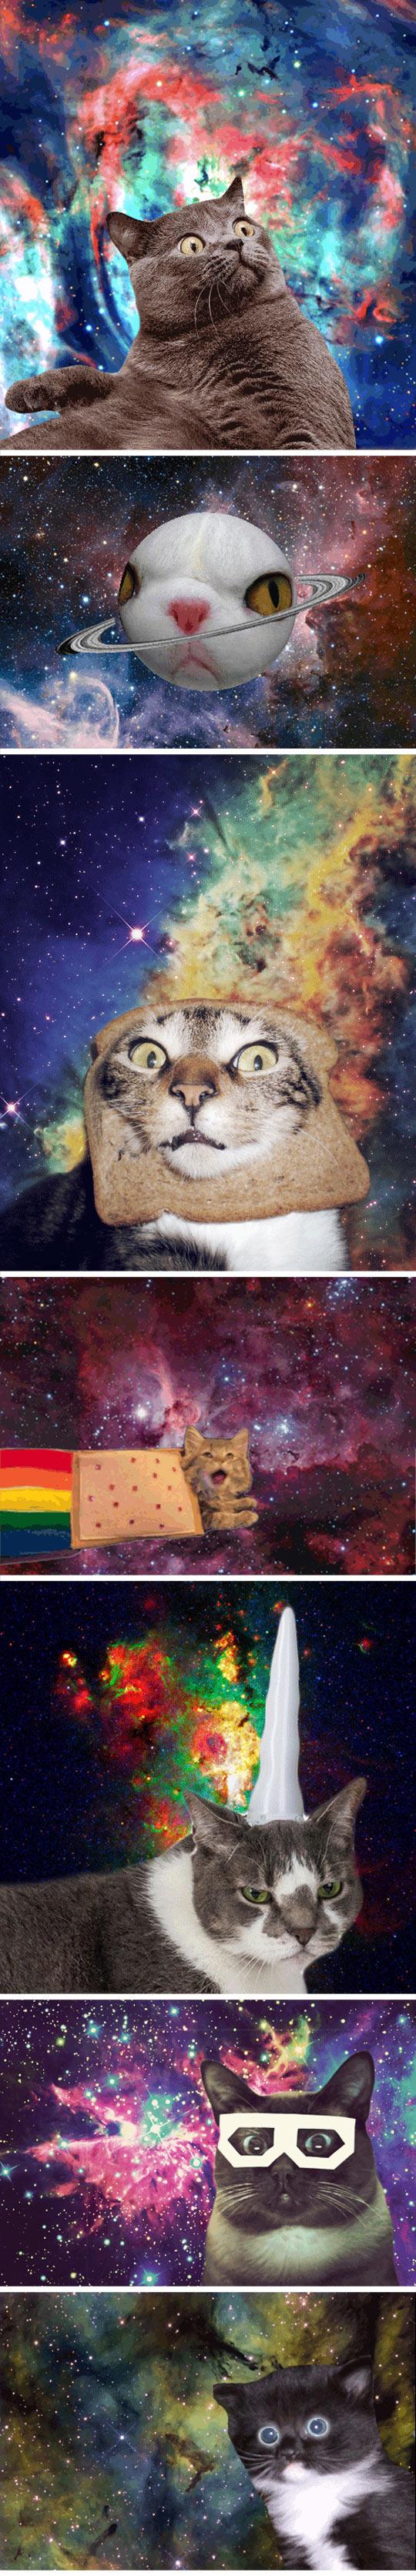 funny-universe-cats-bread-cosmos